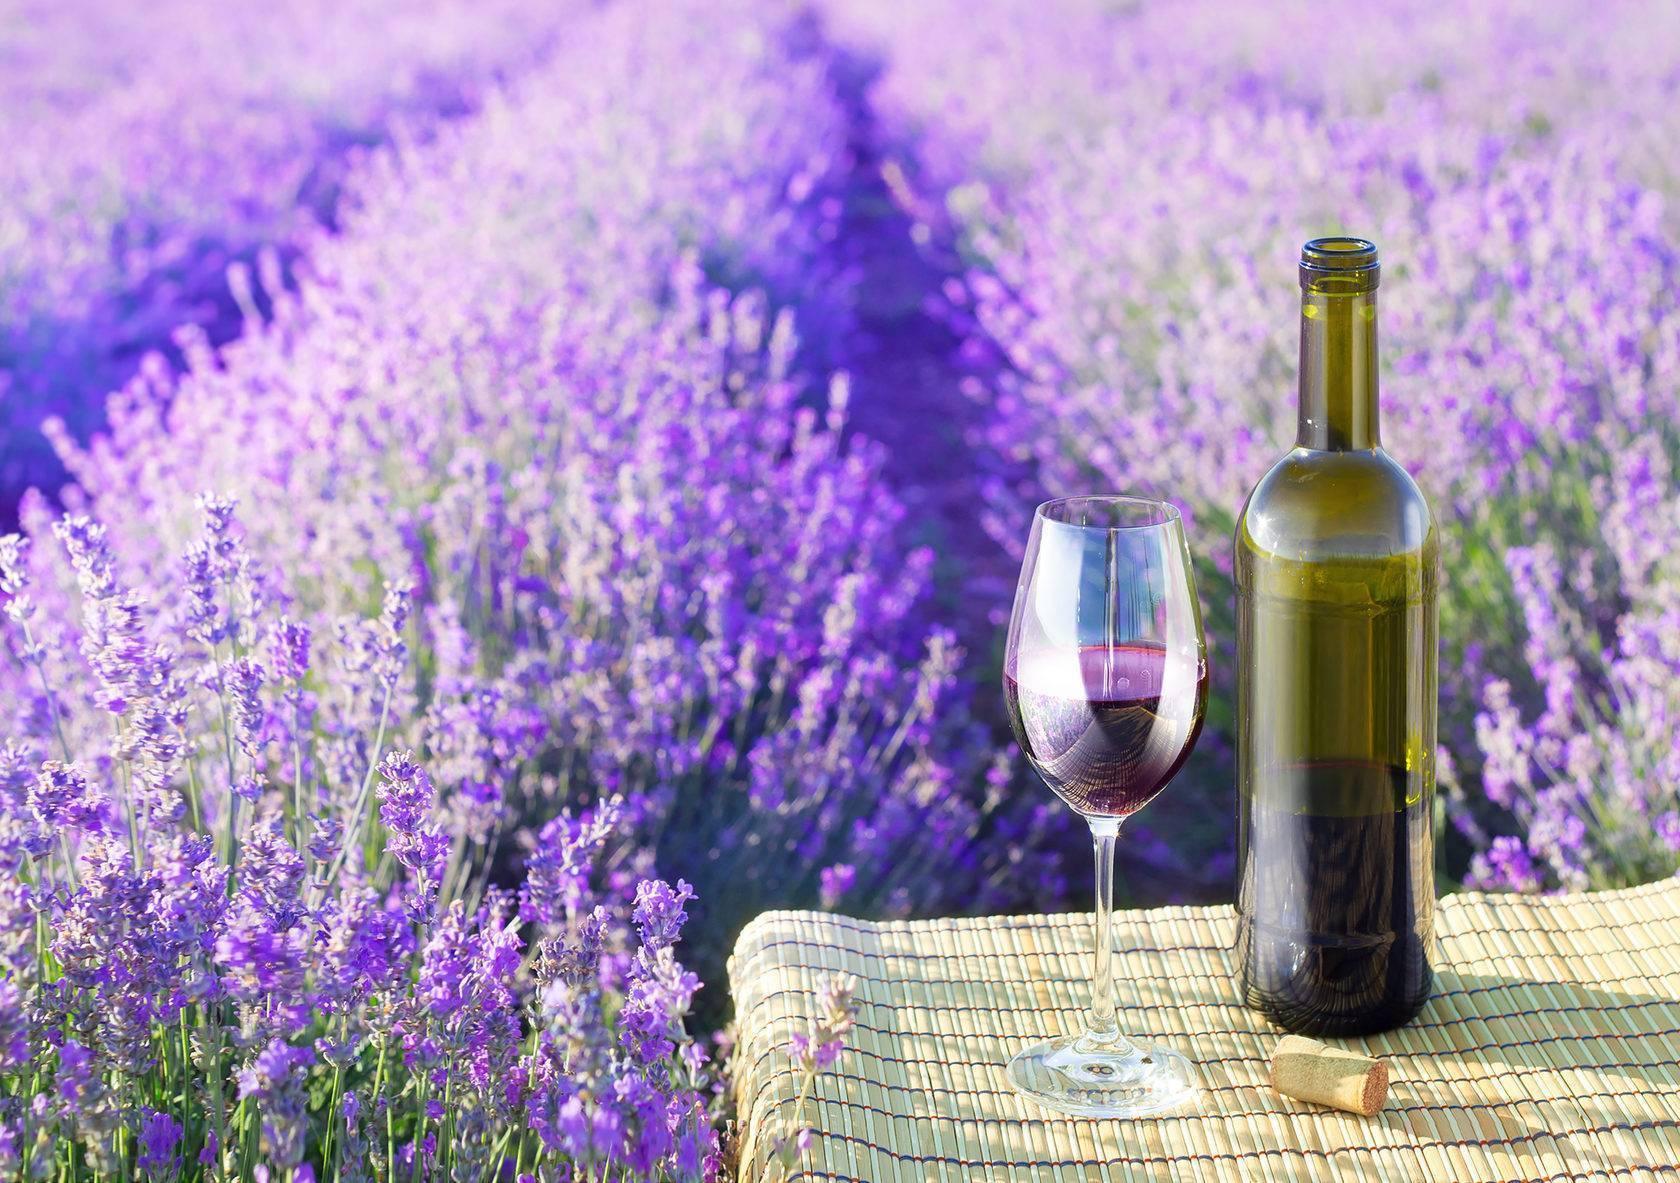 Лучшие вина прованса — апелласьон розовых вин